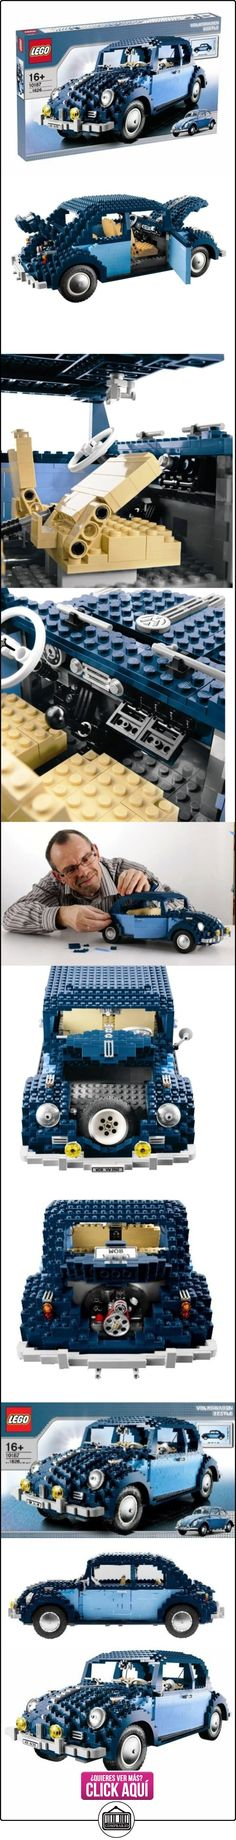 LEGO 10187 - Volkswagen Sedán, diseño antiguo  ✿ Lego - el surtido más amplio ✿ ▬► Ver oferta: https://comprar.io/goto/B0014GI8QM